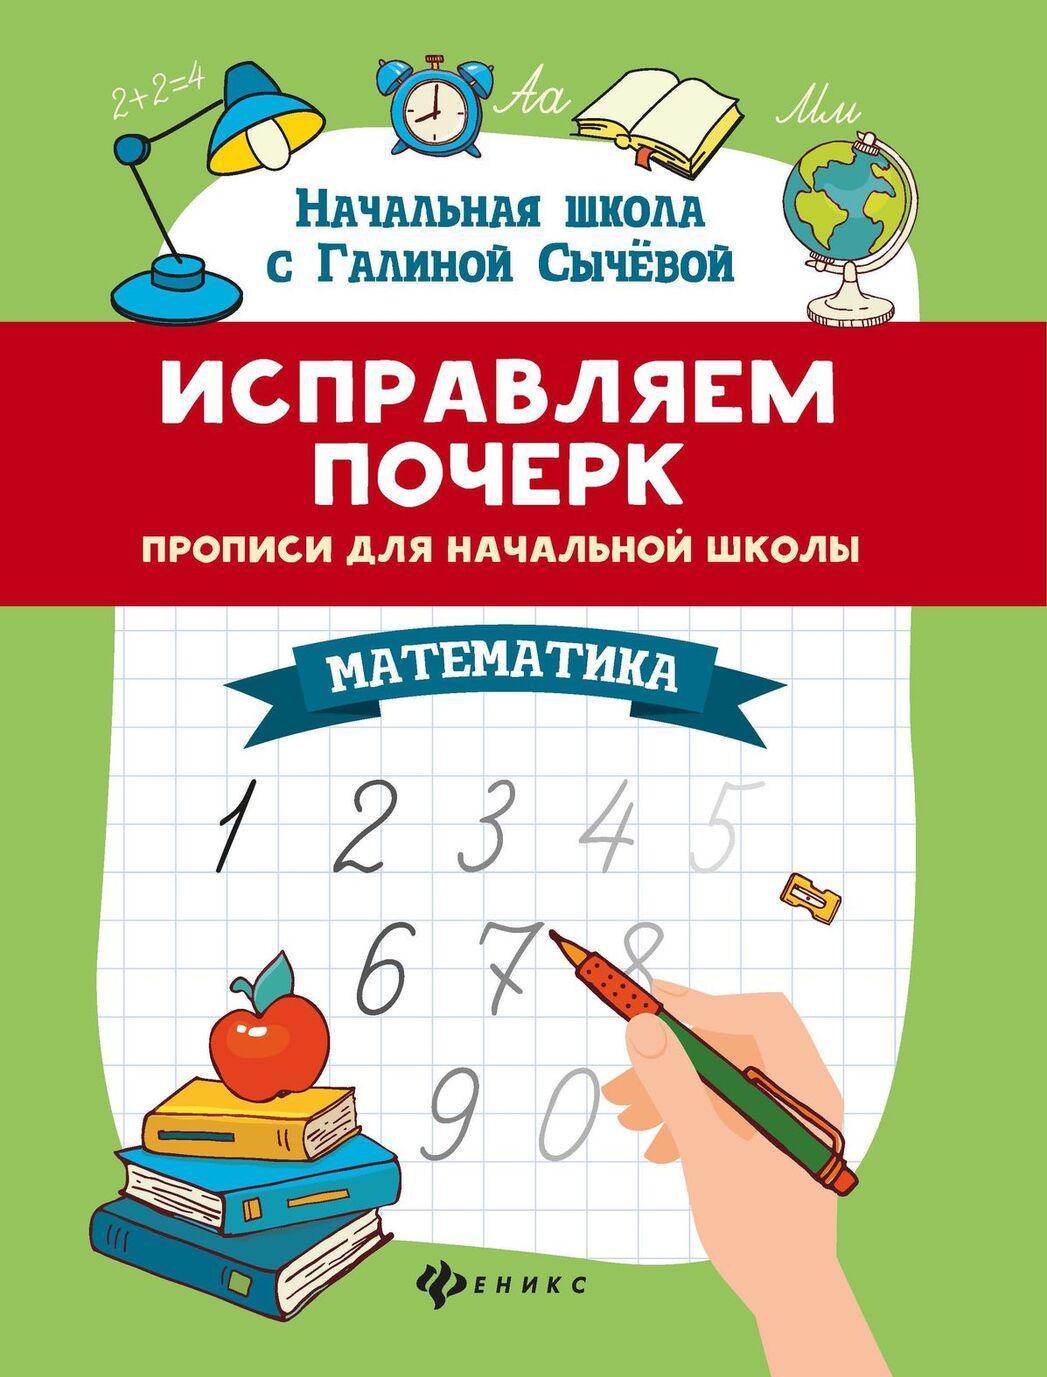 Ispravljaem pocherk:propisi dlja nach.shkoly:matemat.